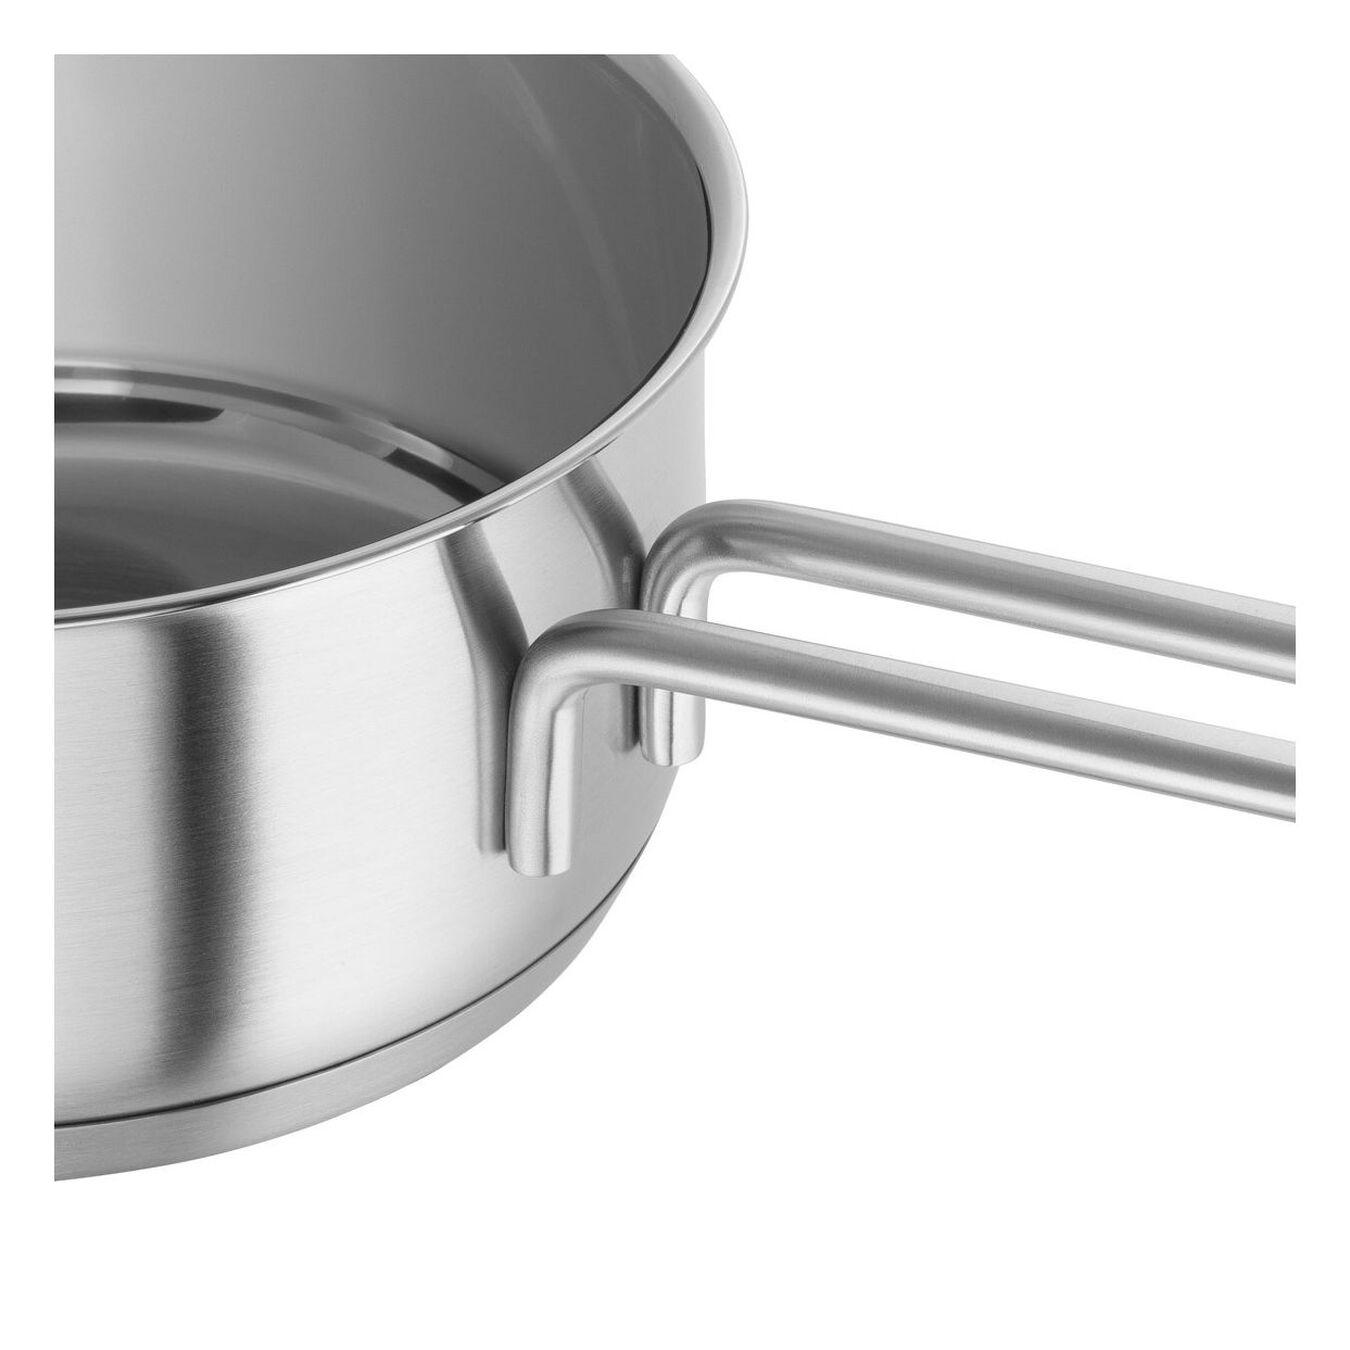 Kastrull 16 cm, 18/10 Rostfritt stål,,large 3